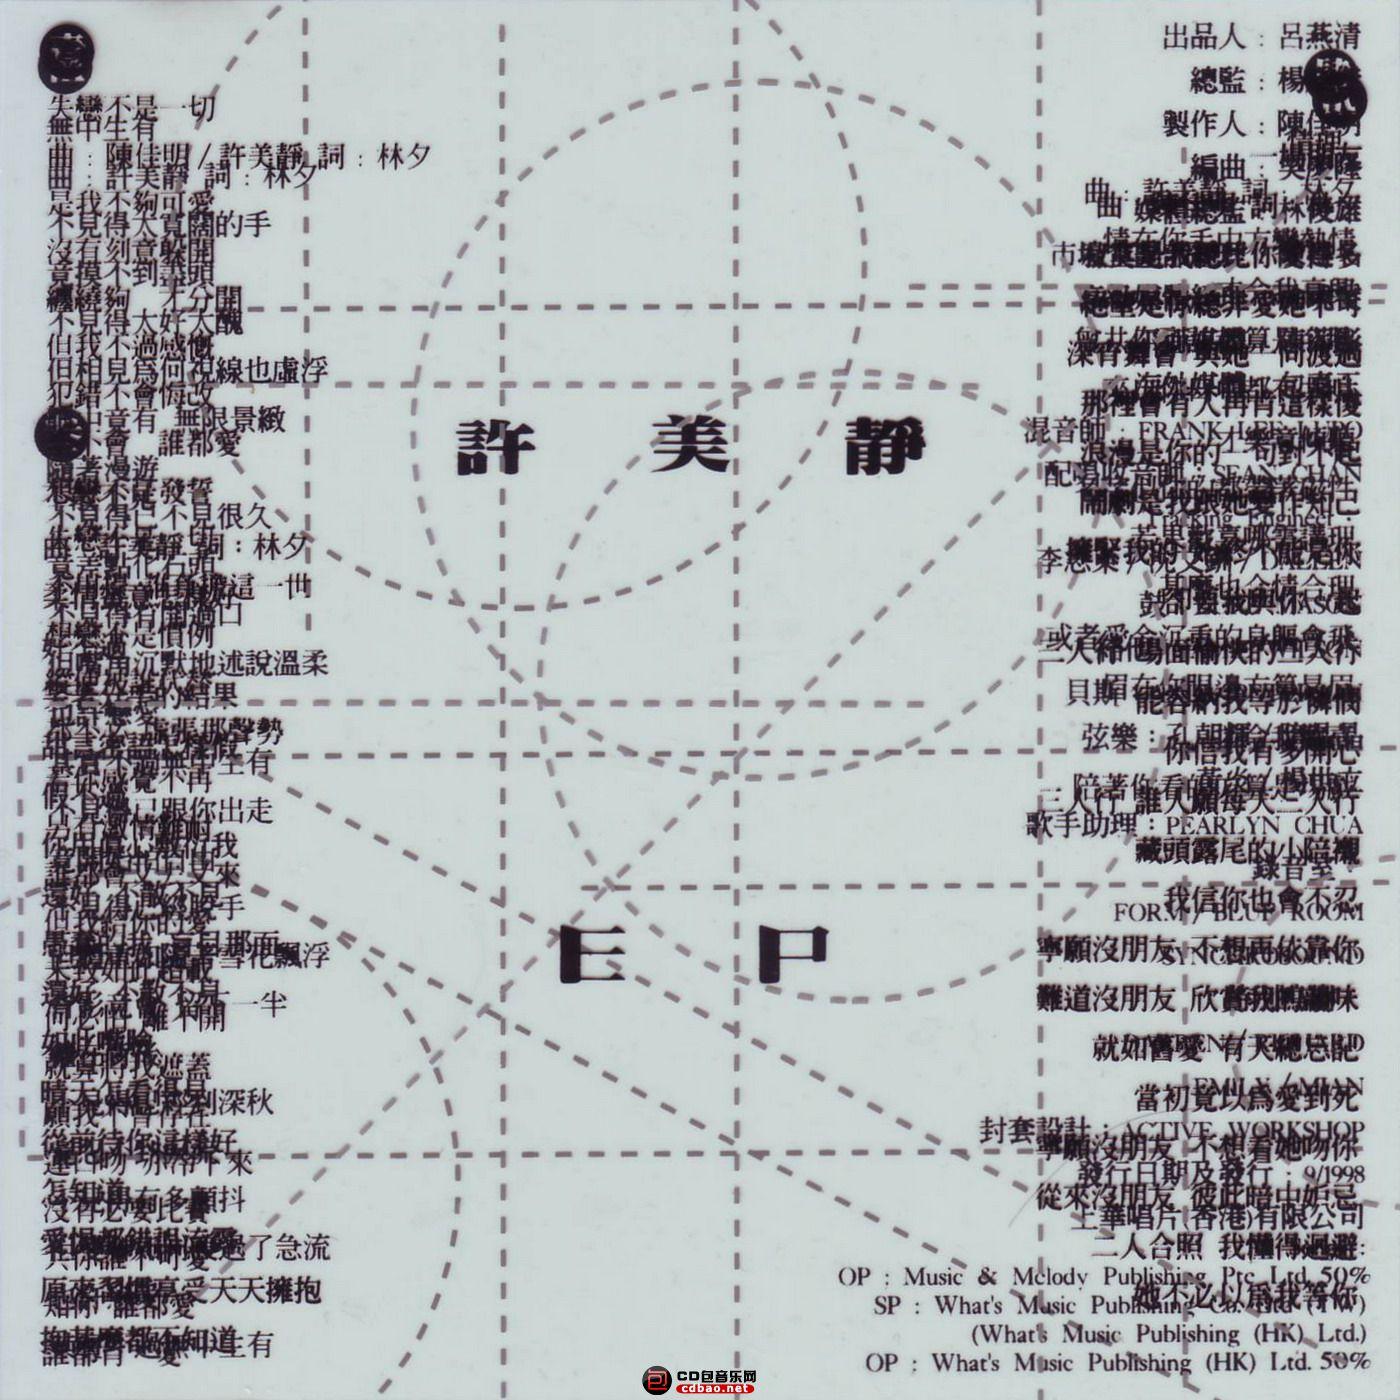 许美静-一场朋友EP01.jpg